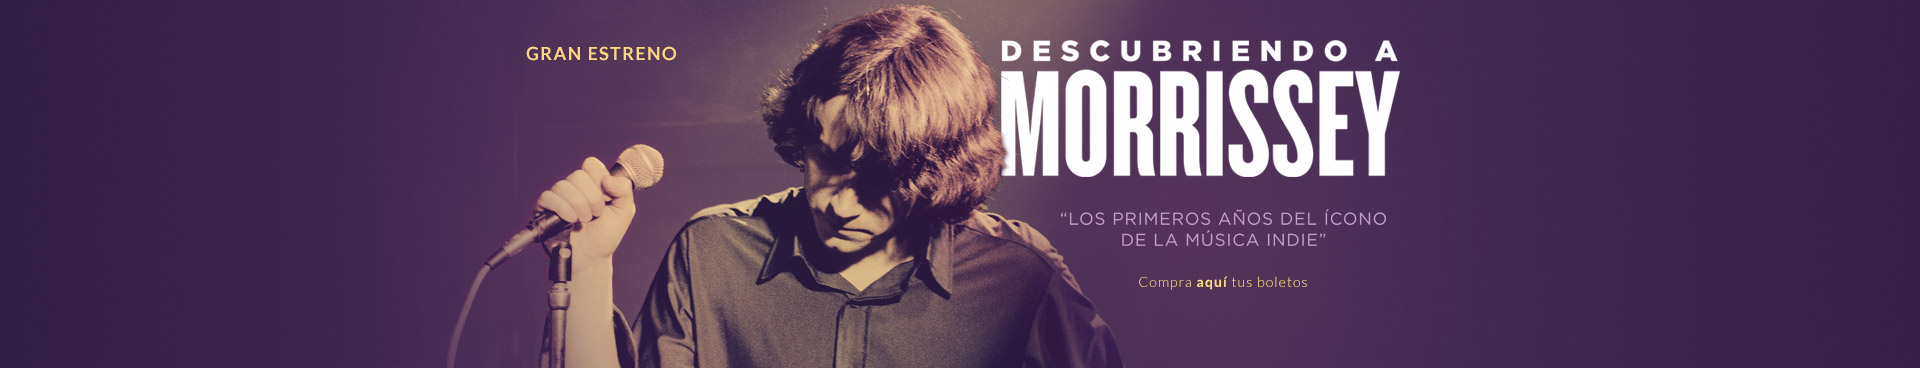 Gran estreno: Descubriendo a Morrissey